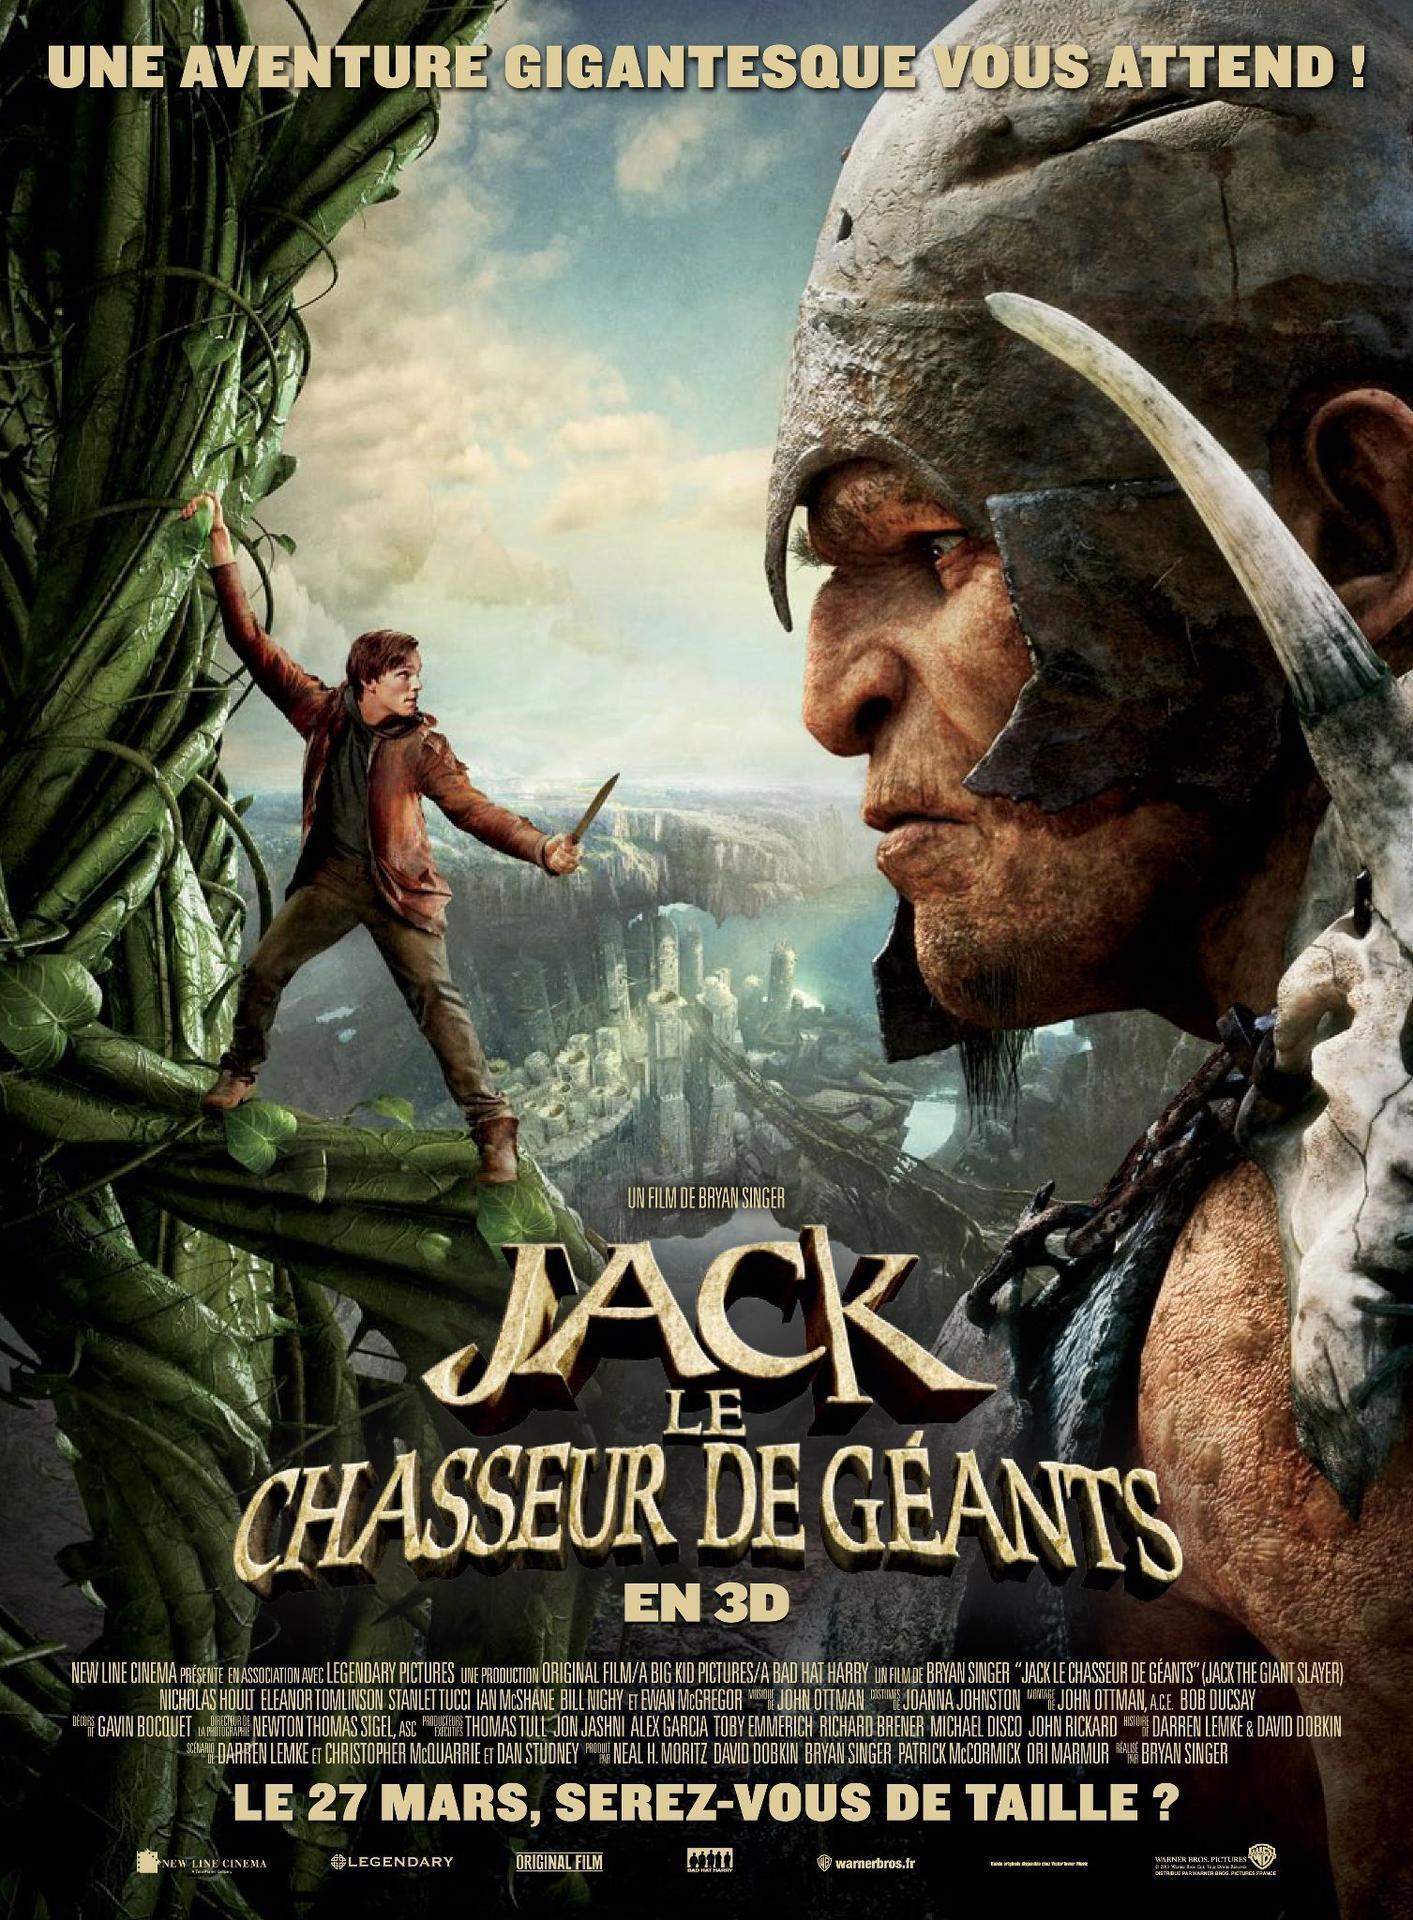 Jack le chasseur de géants - Film (2013)